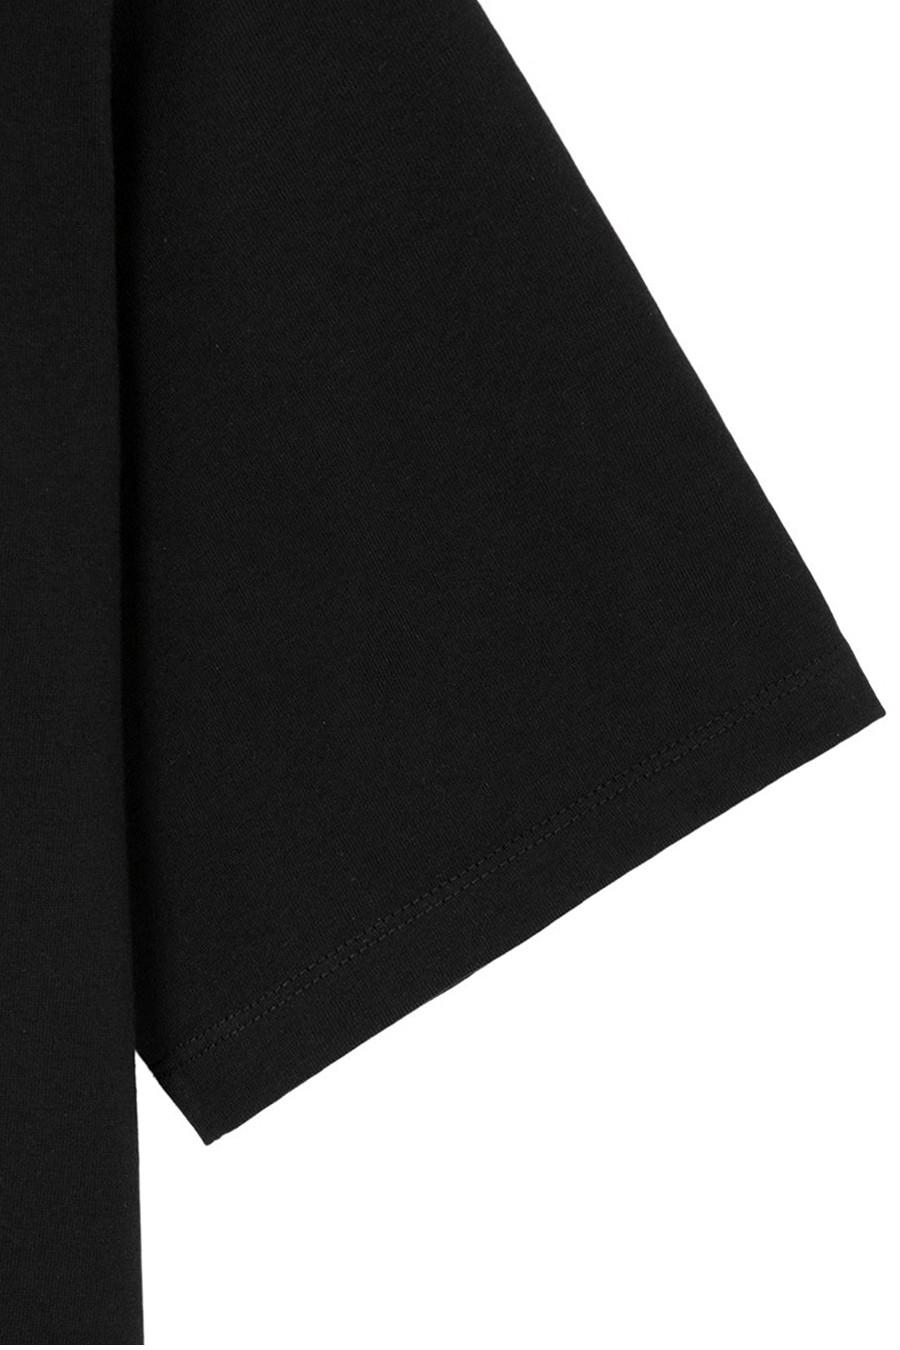 인사일런스(IN SILENCE) 수피마 코튼 프리미엄 티셔츠 BLACK